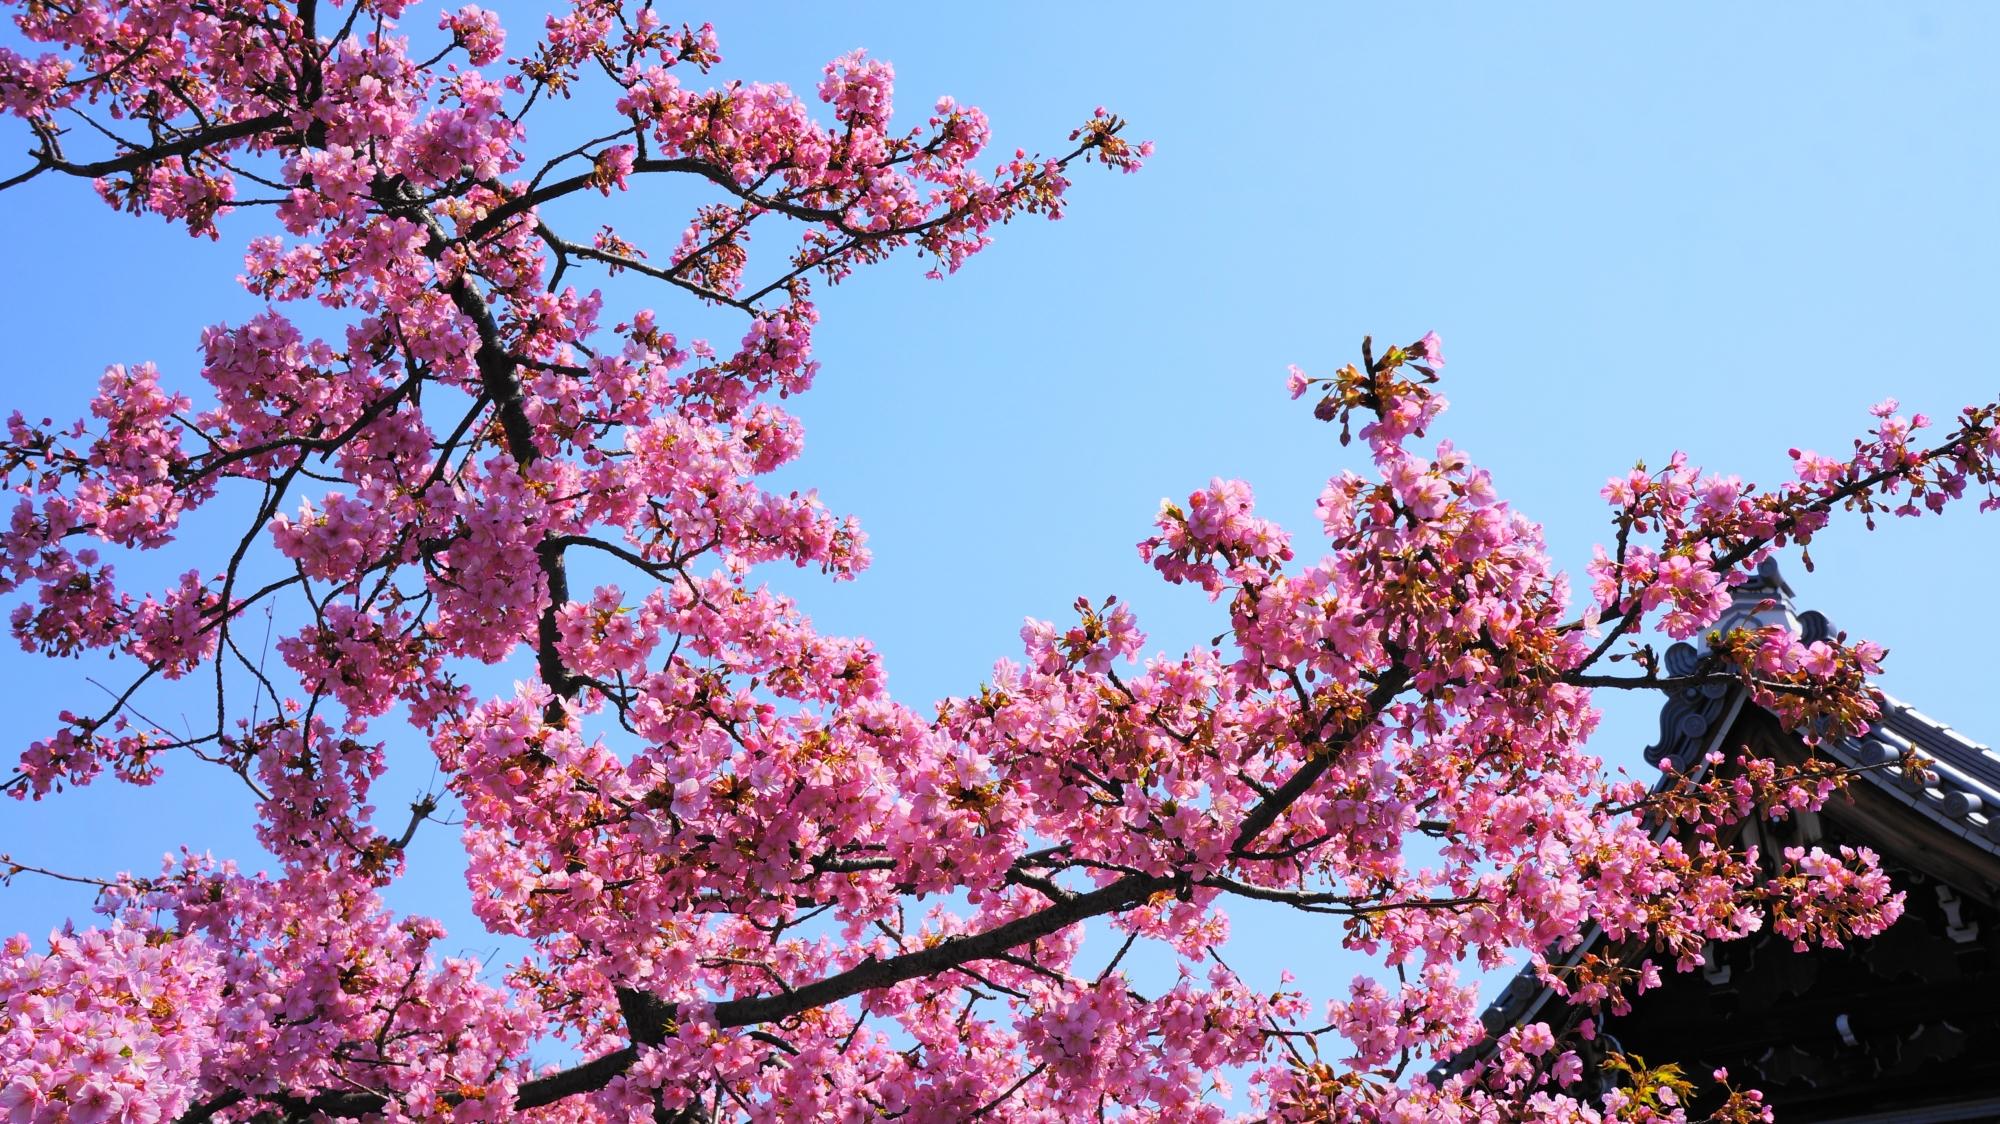 伽藍や境内を春色に染める満開の河津桜